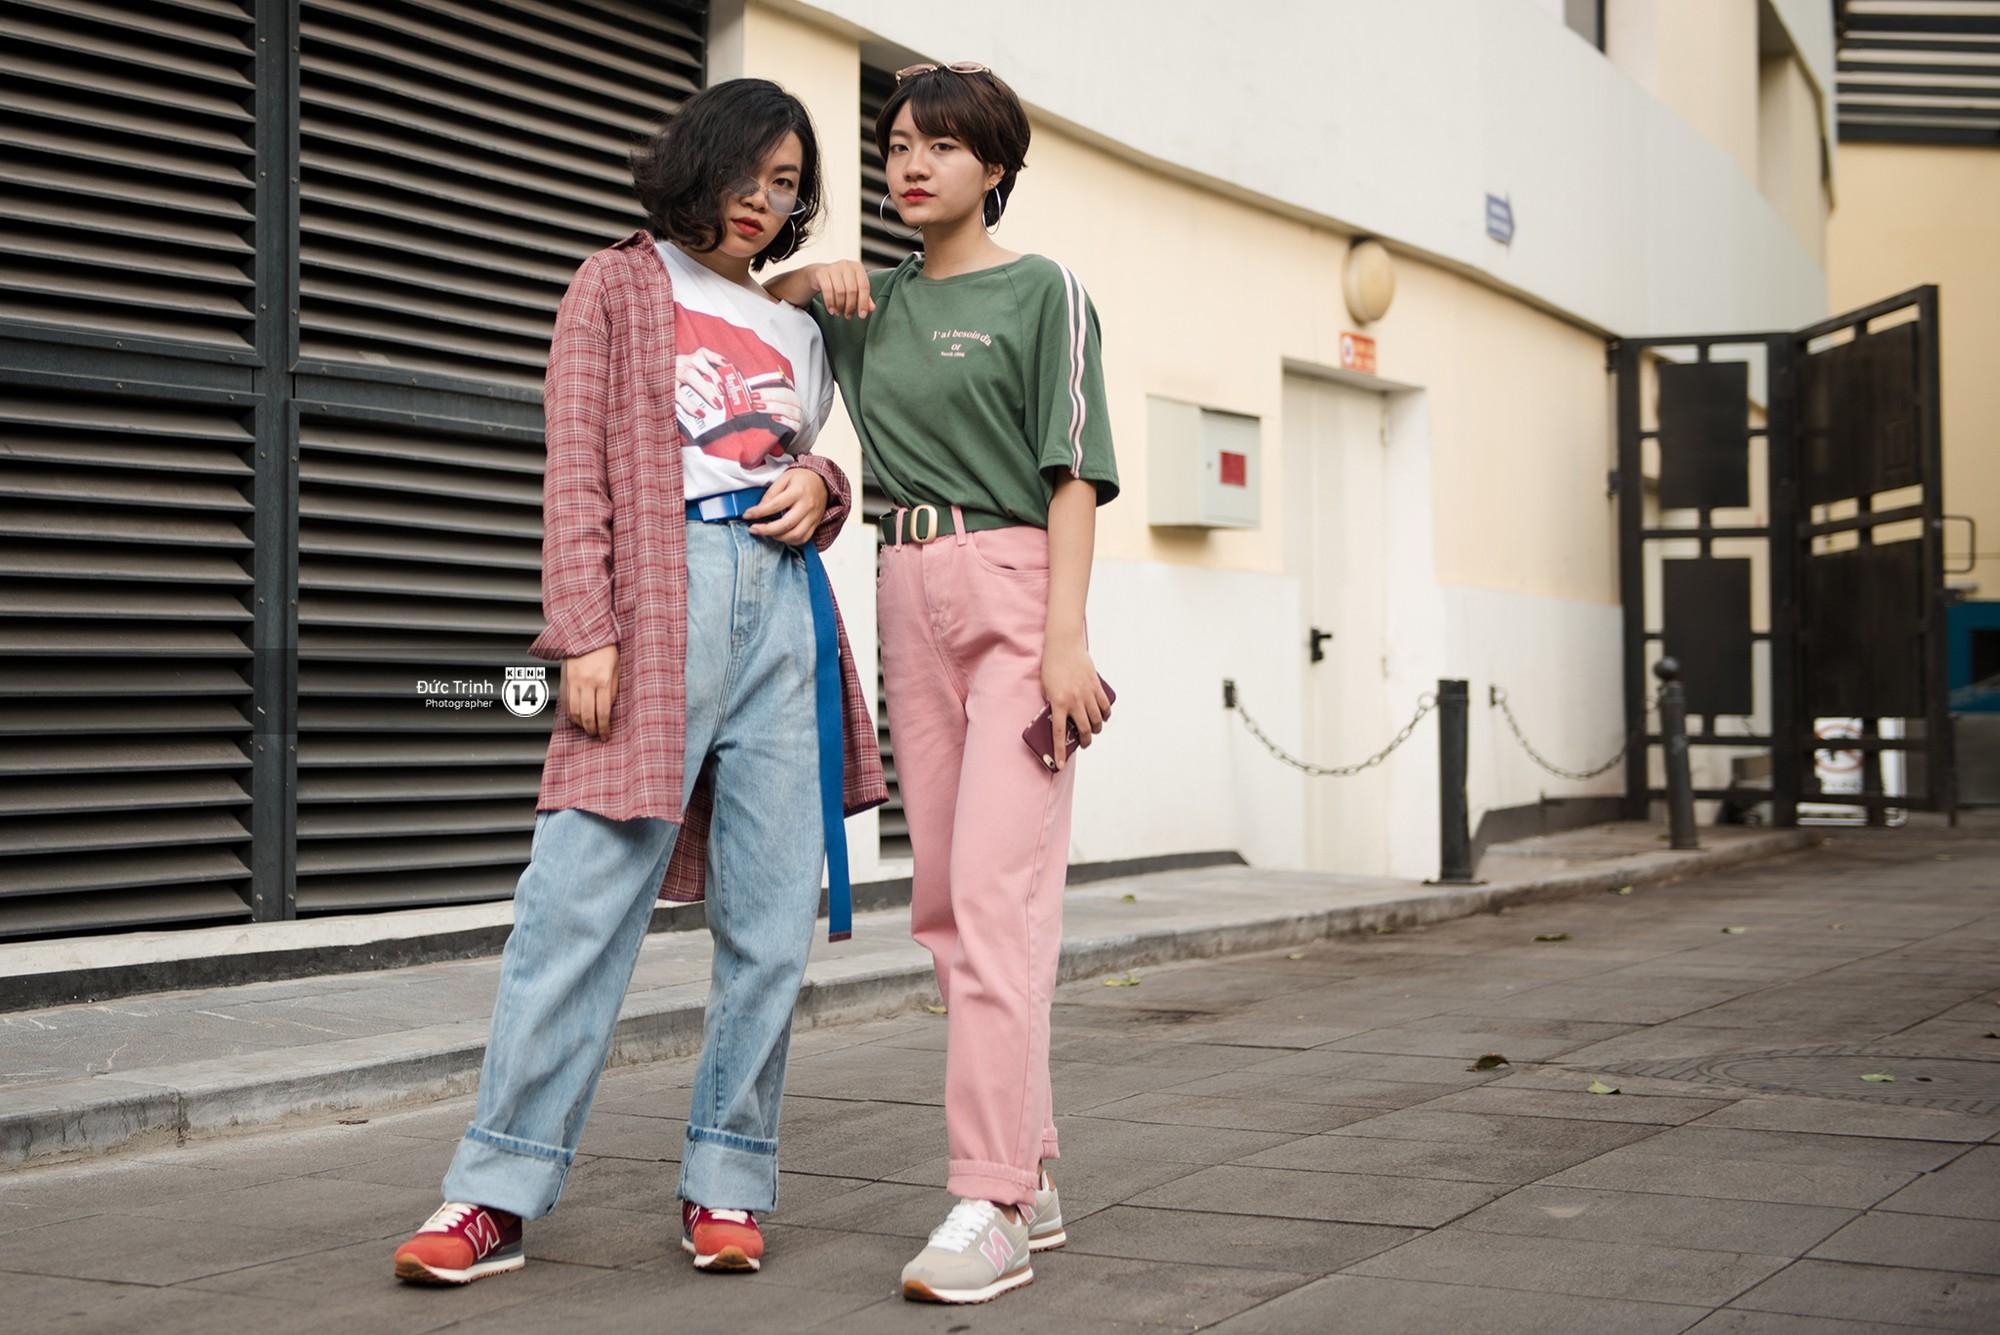 Street style 2 miền: Bên cạnh những món đồ hot trend, diện đồ đôi chính là chiêu mới để các bạn trẻ thể hiện phong cách - Ảnh 3.